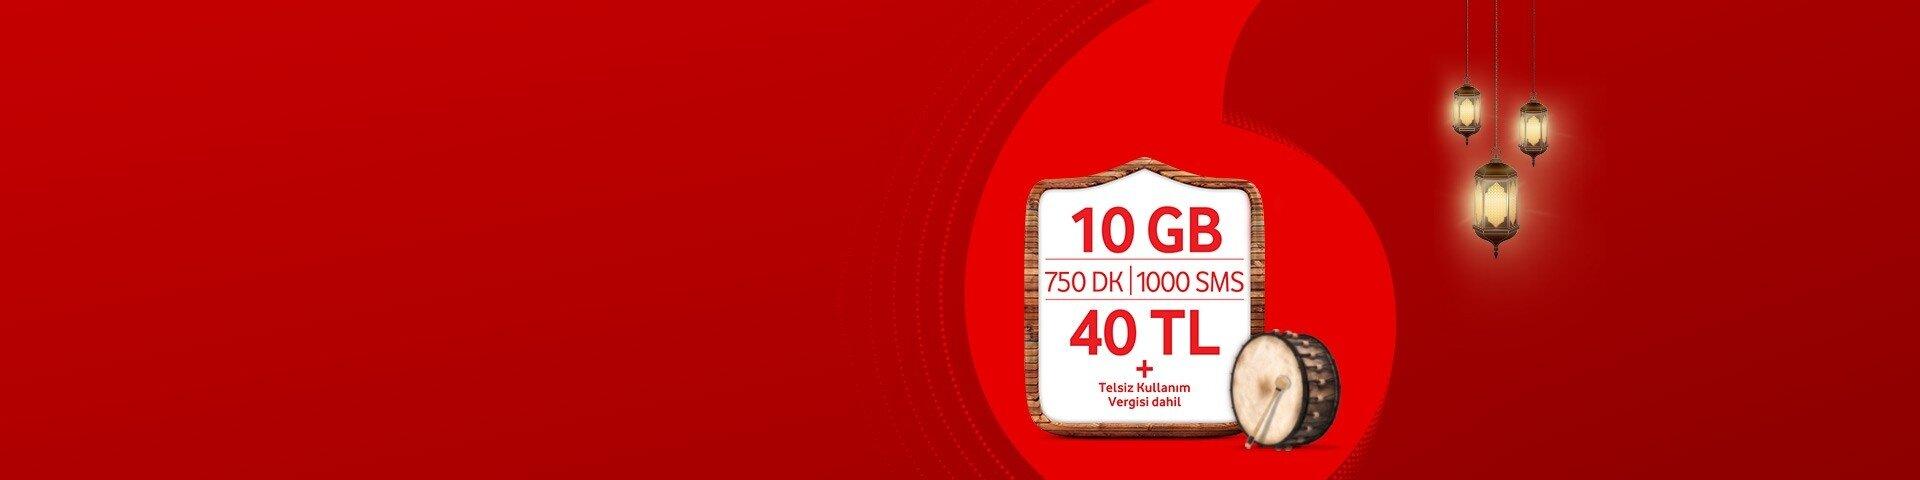 Ramazanda şeker gibi fırsatlar Vodafone'da!